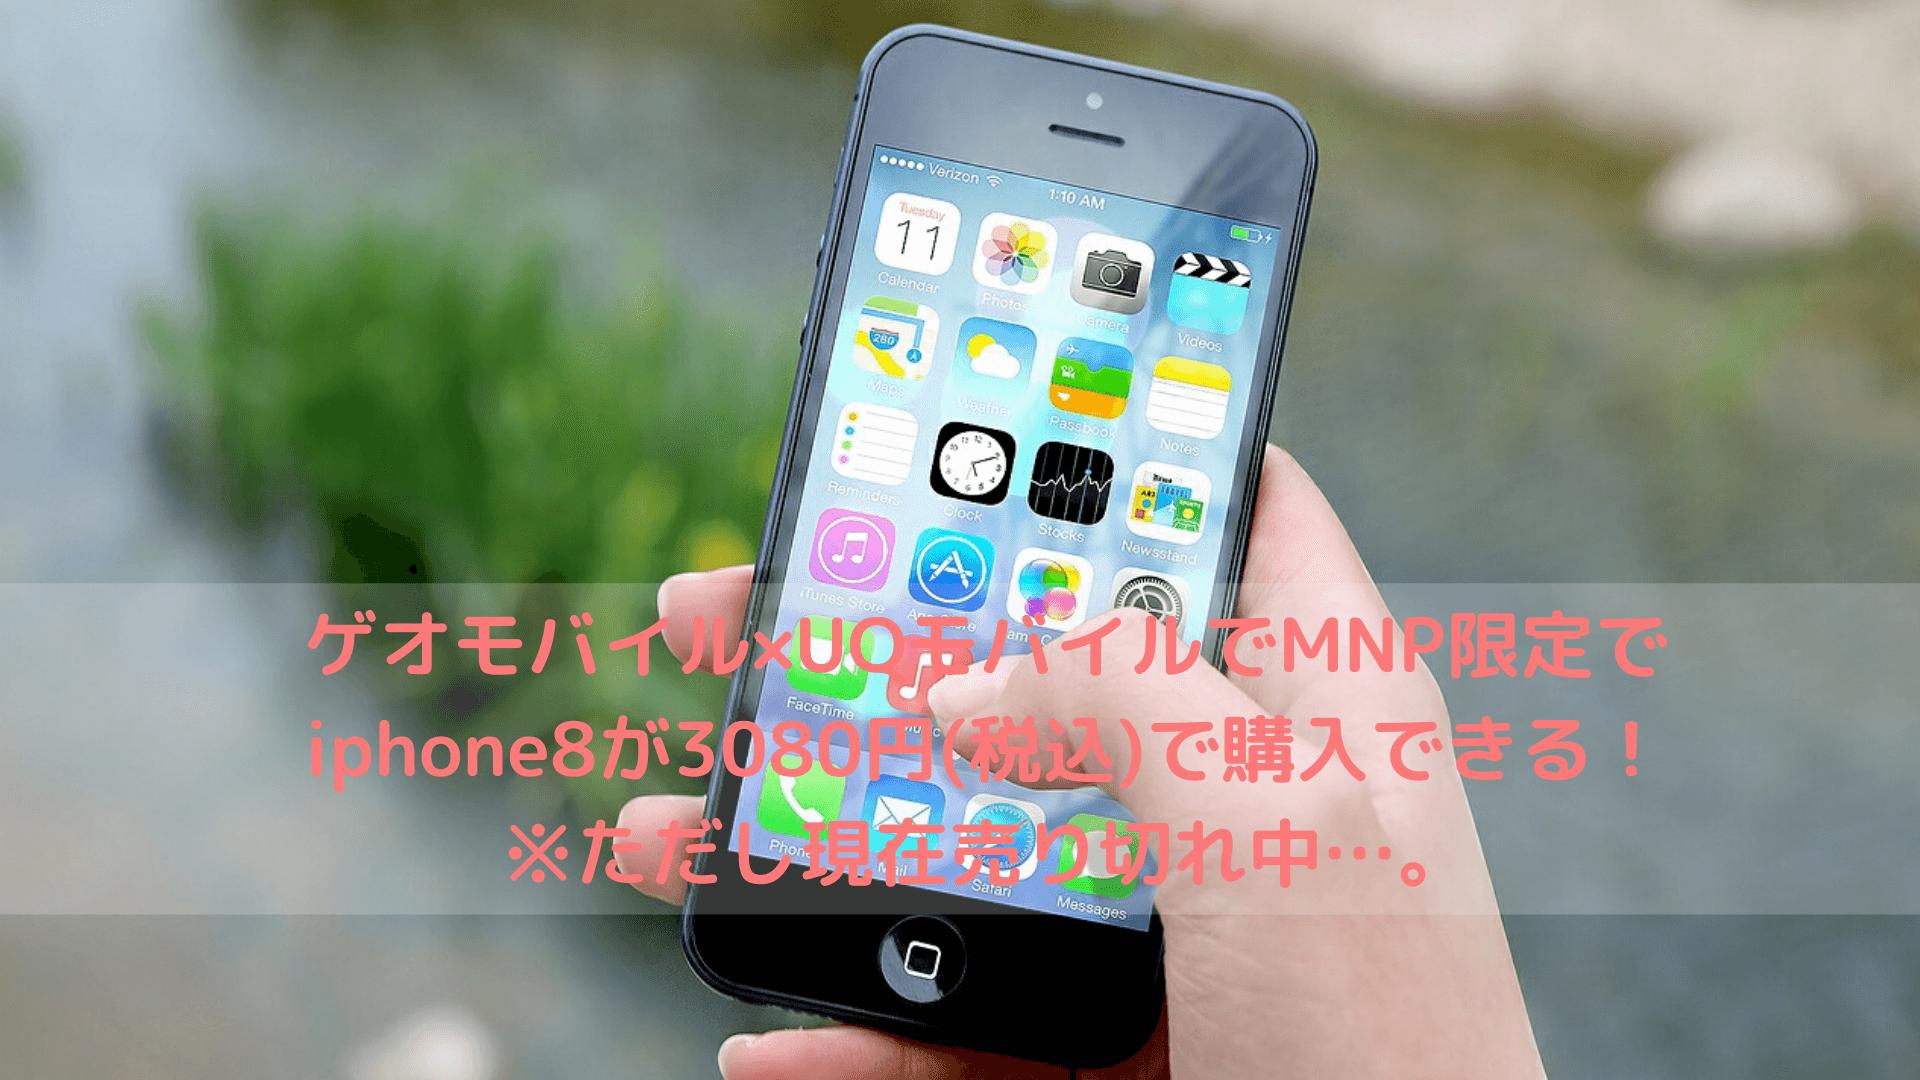 ゲオモバイル×UQモバイルでMNP限定でiphone8が3080円(税込)で購入できる!※ただし現在売り切れ中…。